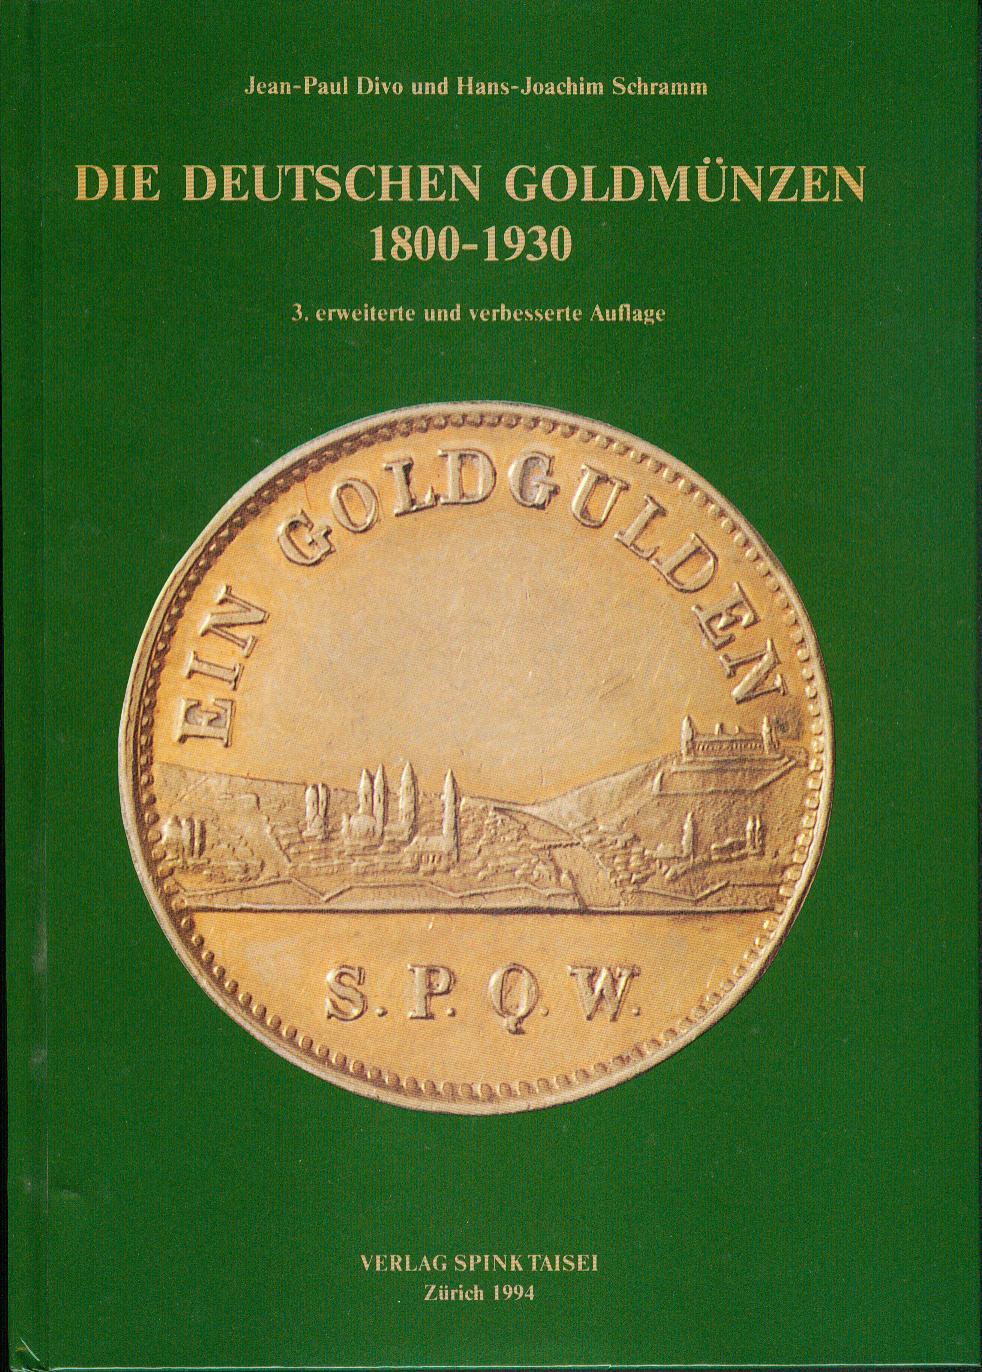 Münzkatalaog Divo und Schramm: Die deutschen Goldmünzen 1800-1930 Deu